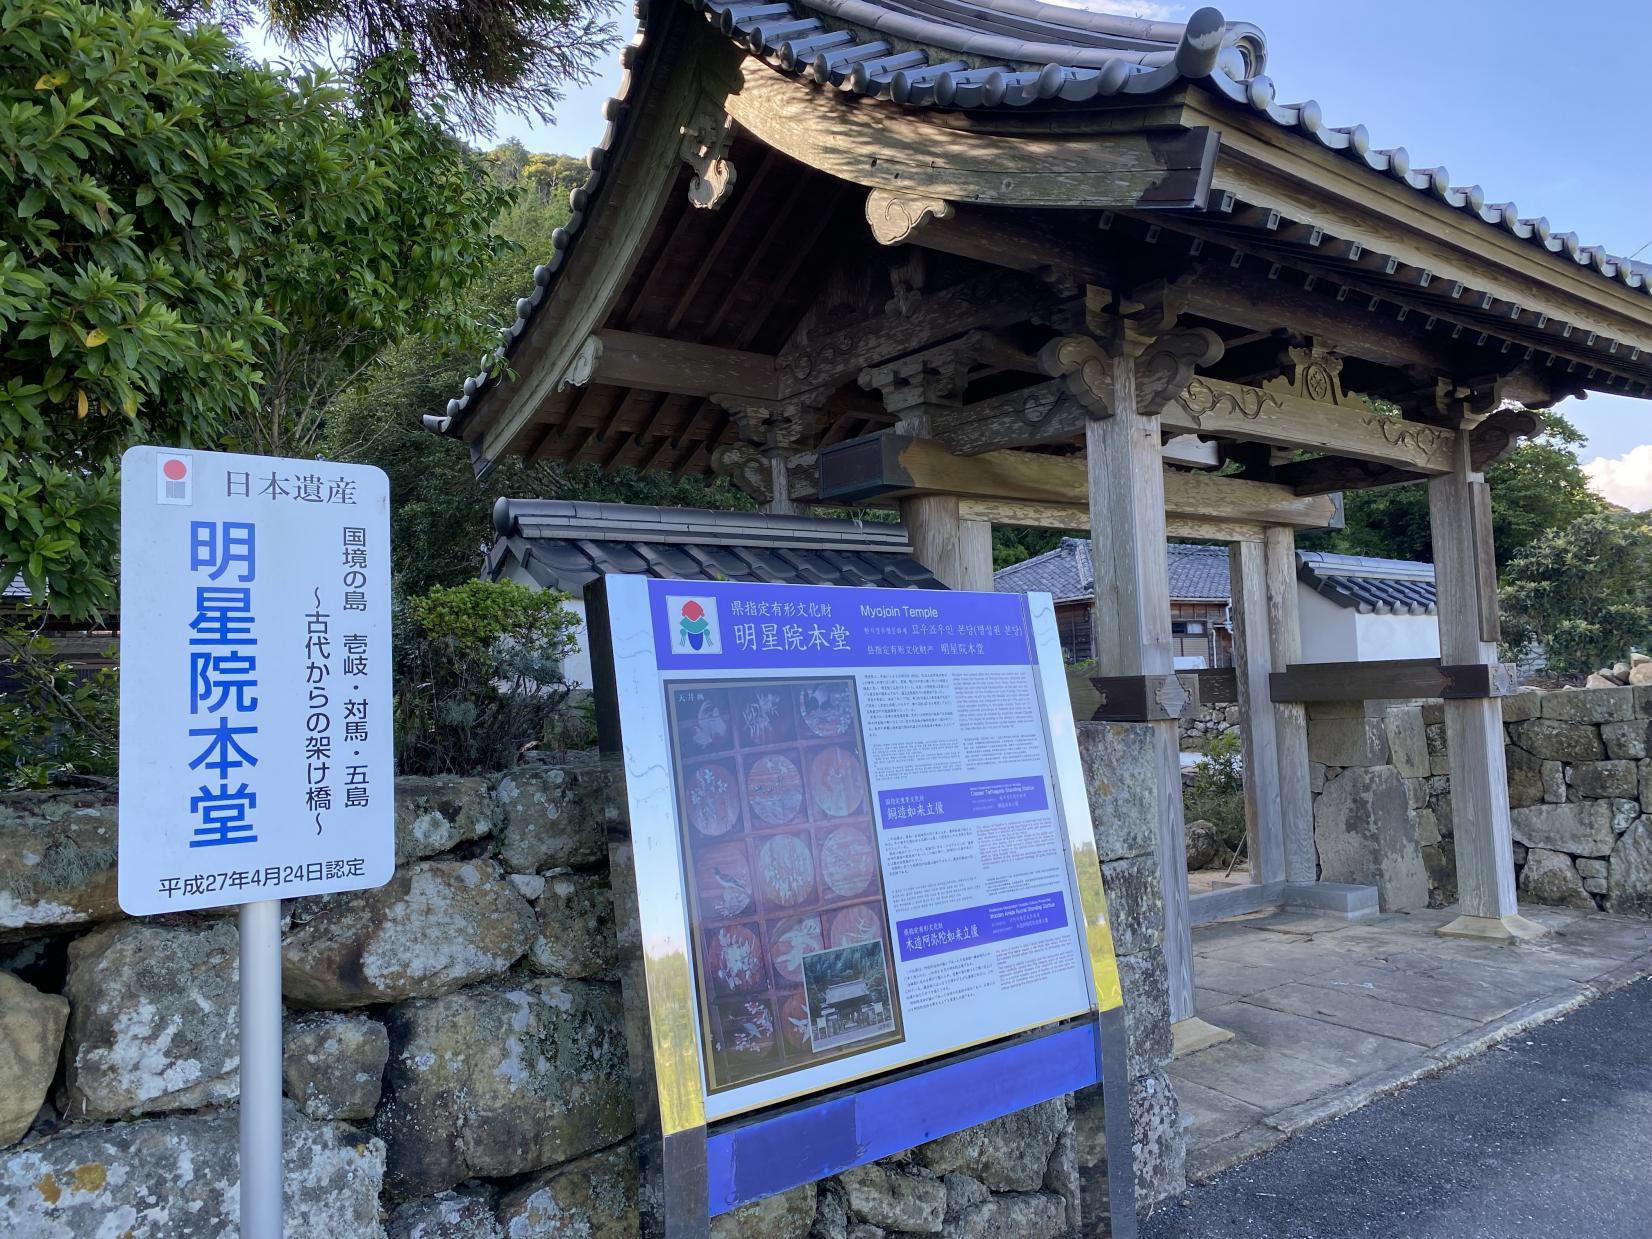 日本遺産 明星院と鬼岳を巡るコース-1